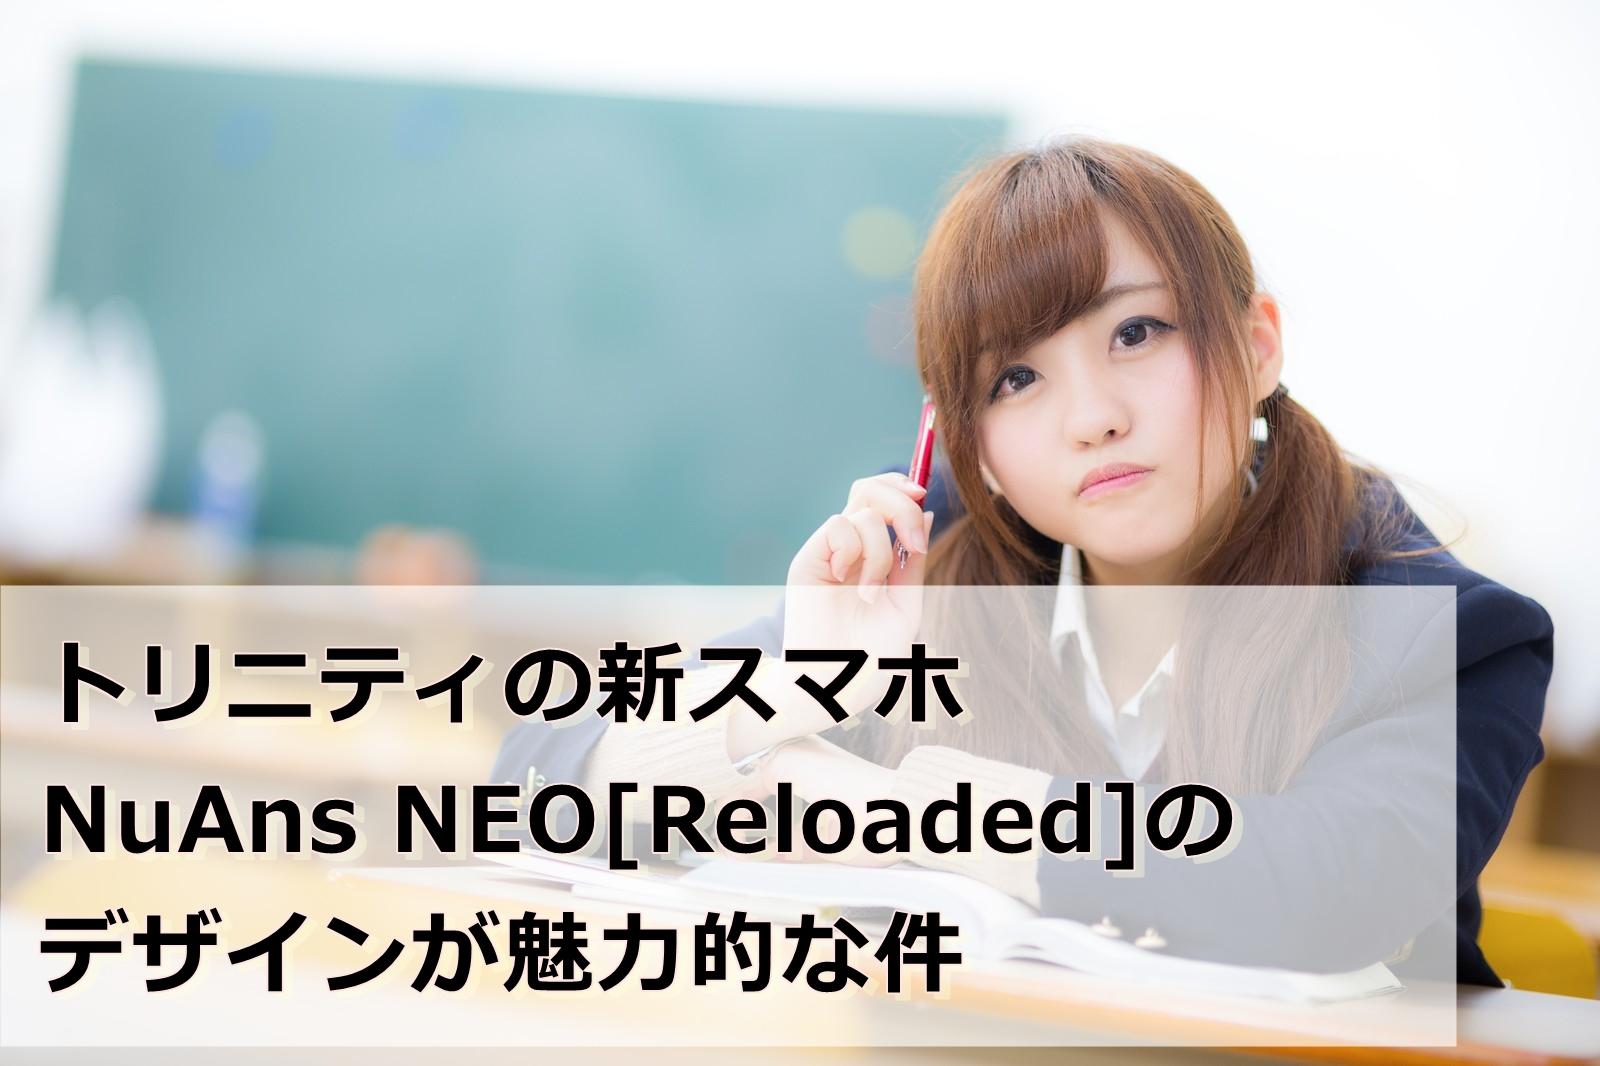 トリニティの新スマホNuAns NEO[Reloaded]のデザインが魅力的な件